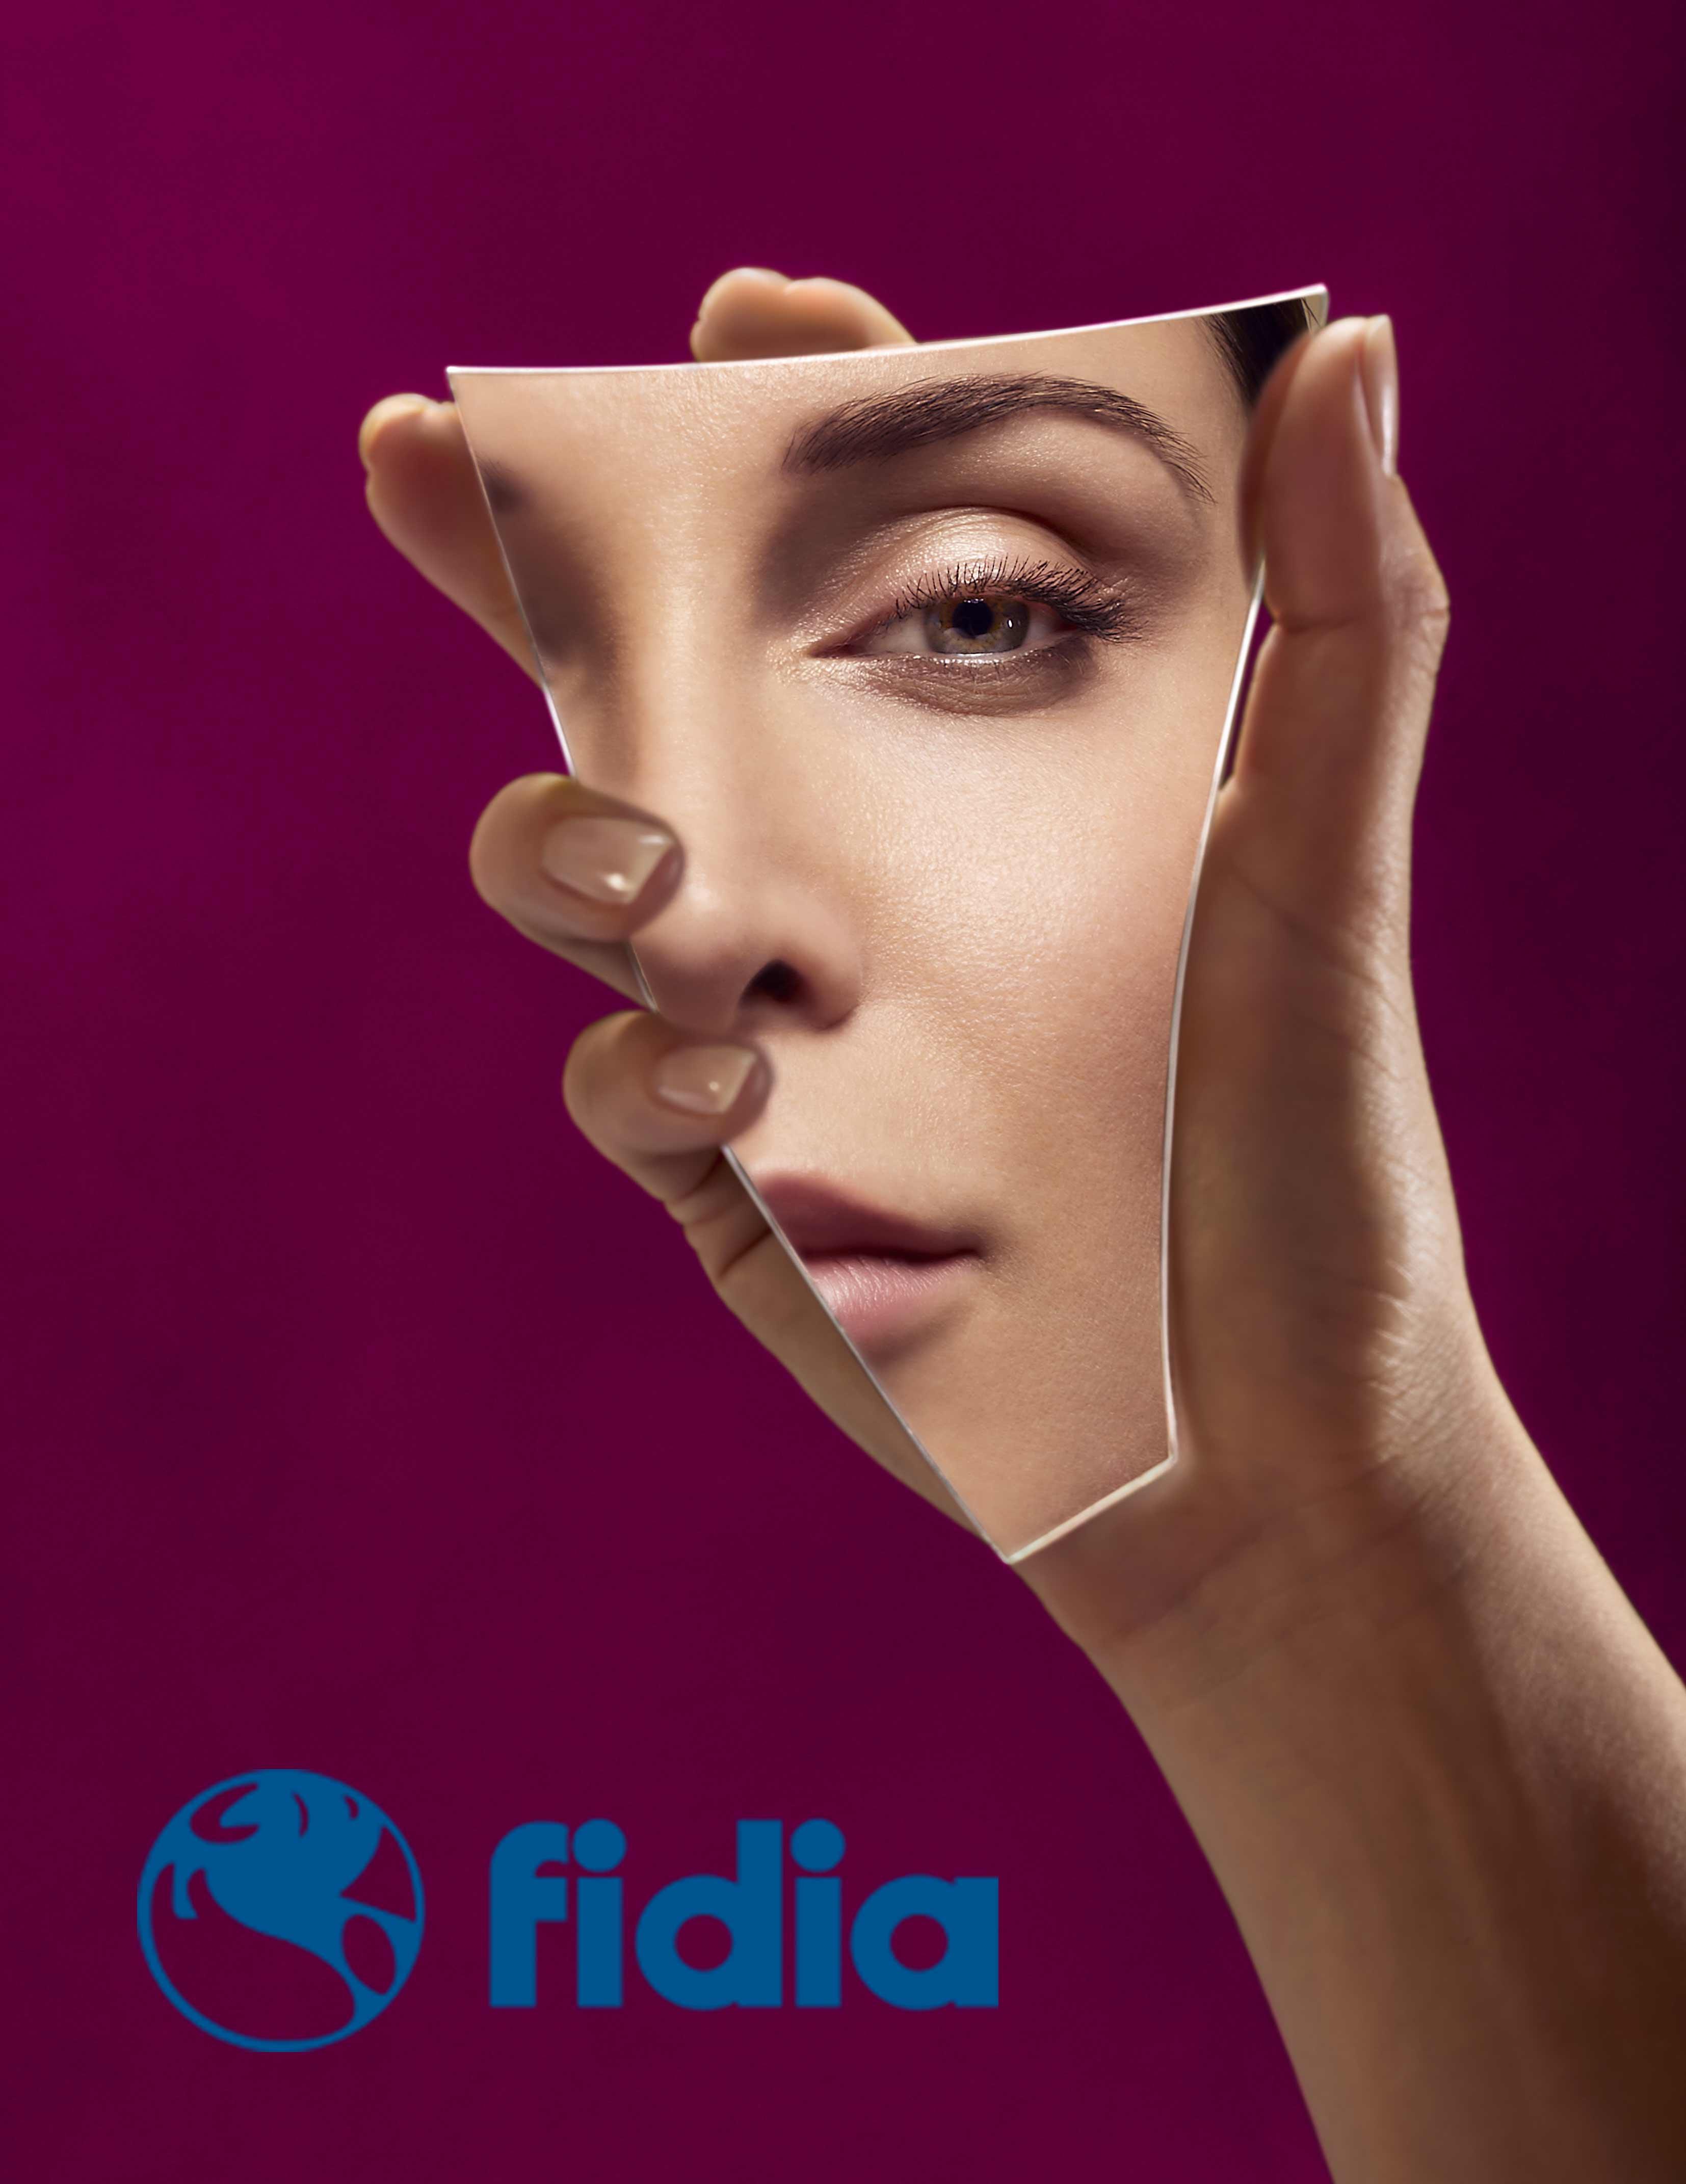 Fidia Cosmetics